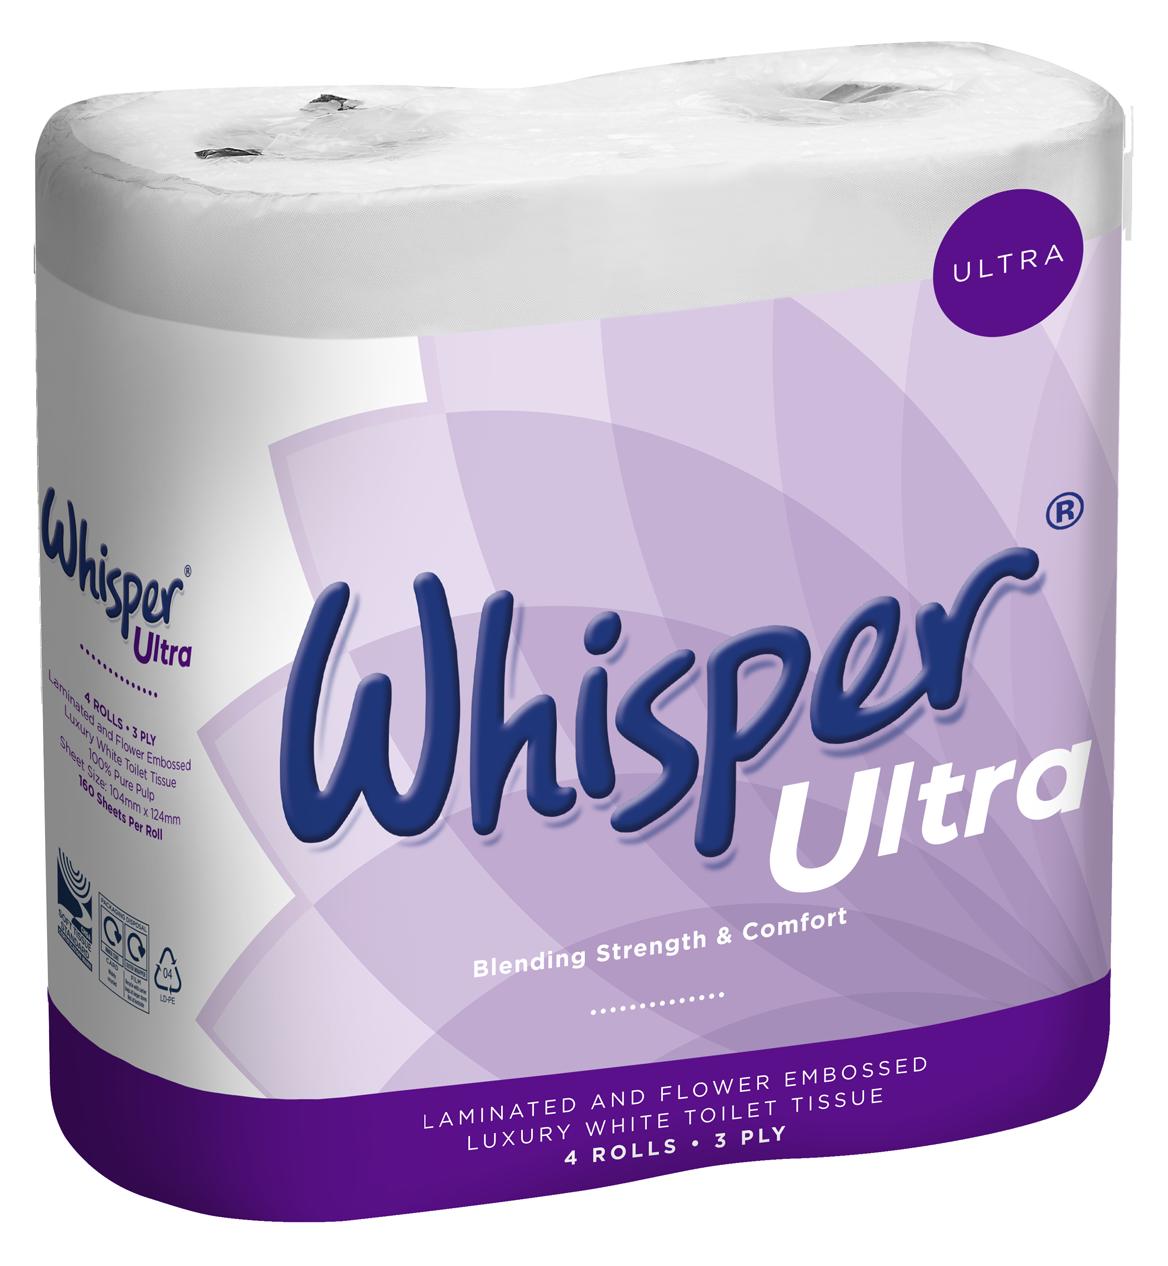 Whisper Ultra